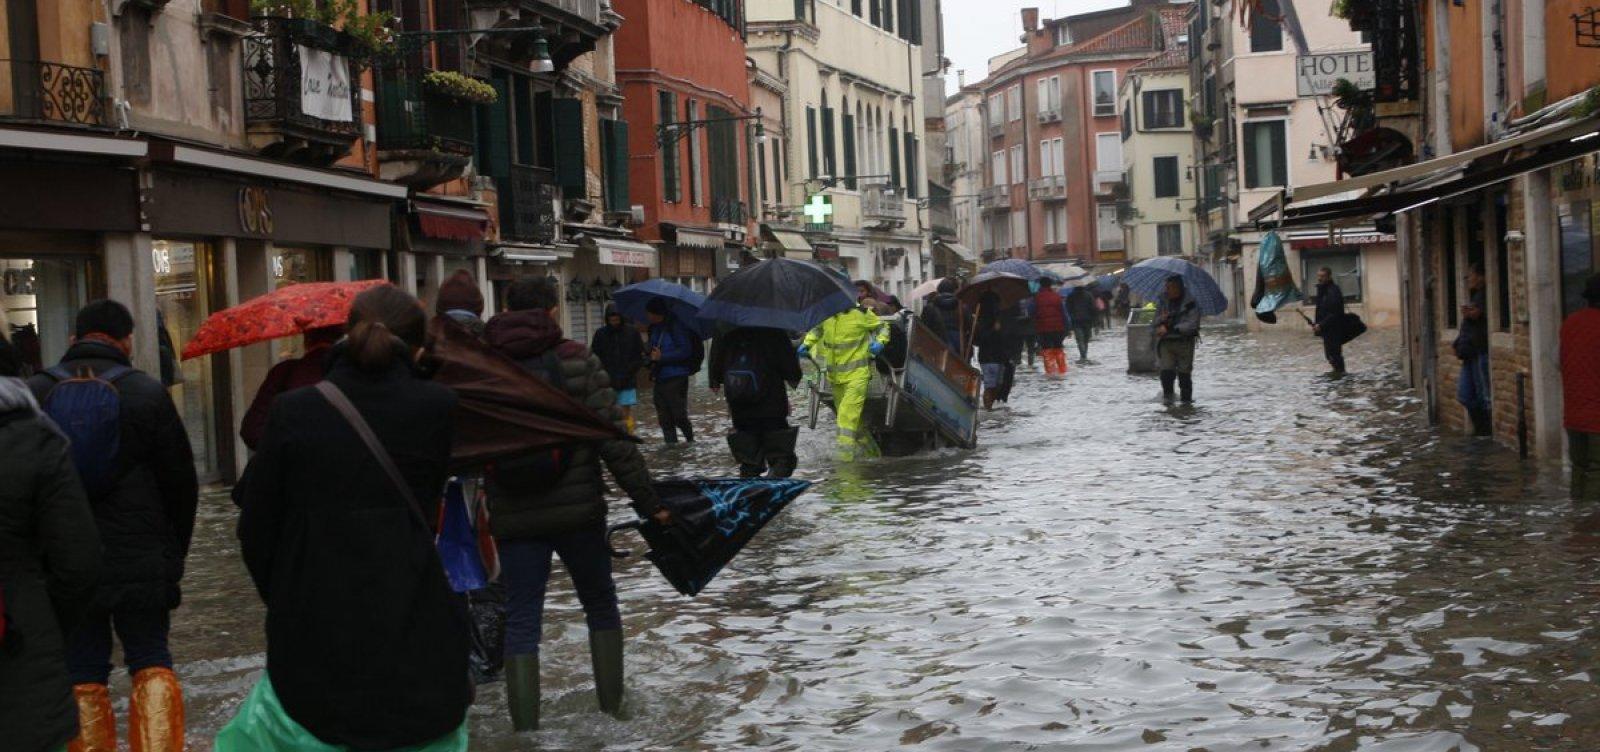 [Duas pessoas morrem após inundações em Veneza ]